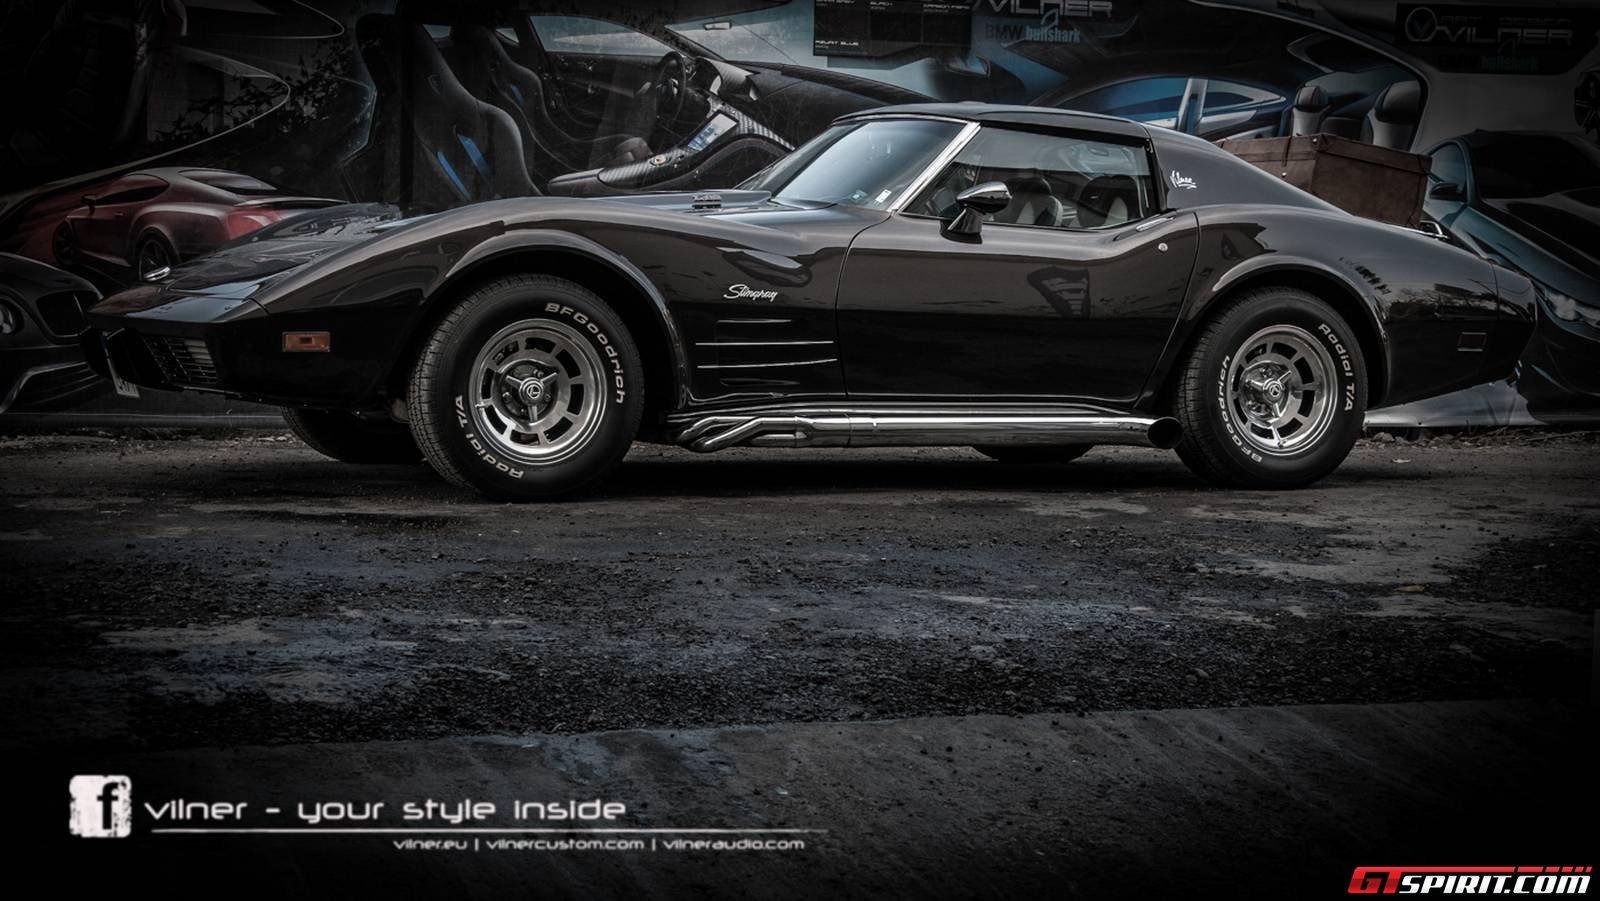 official 1976 chevrolet corvette stingray c3 by vilner. Black Bedroom Furniture Sets. Home Design Ideas